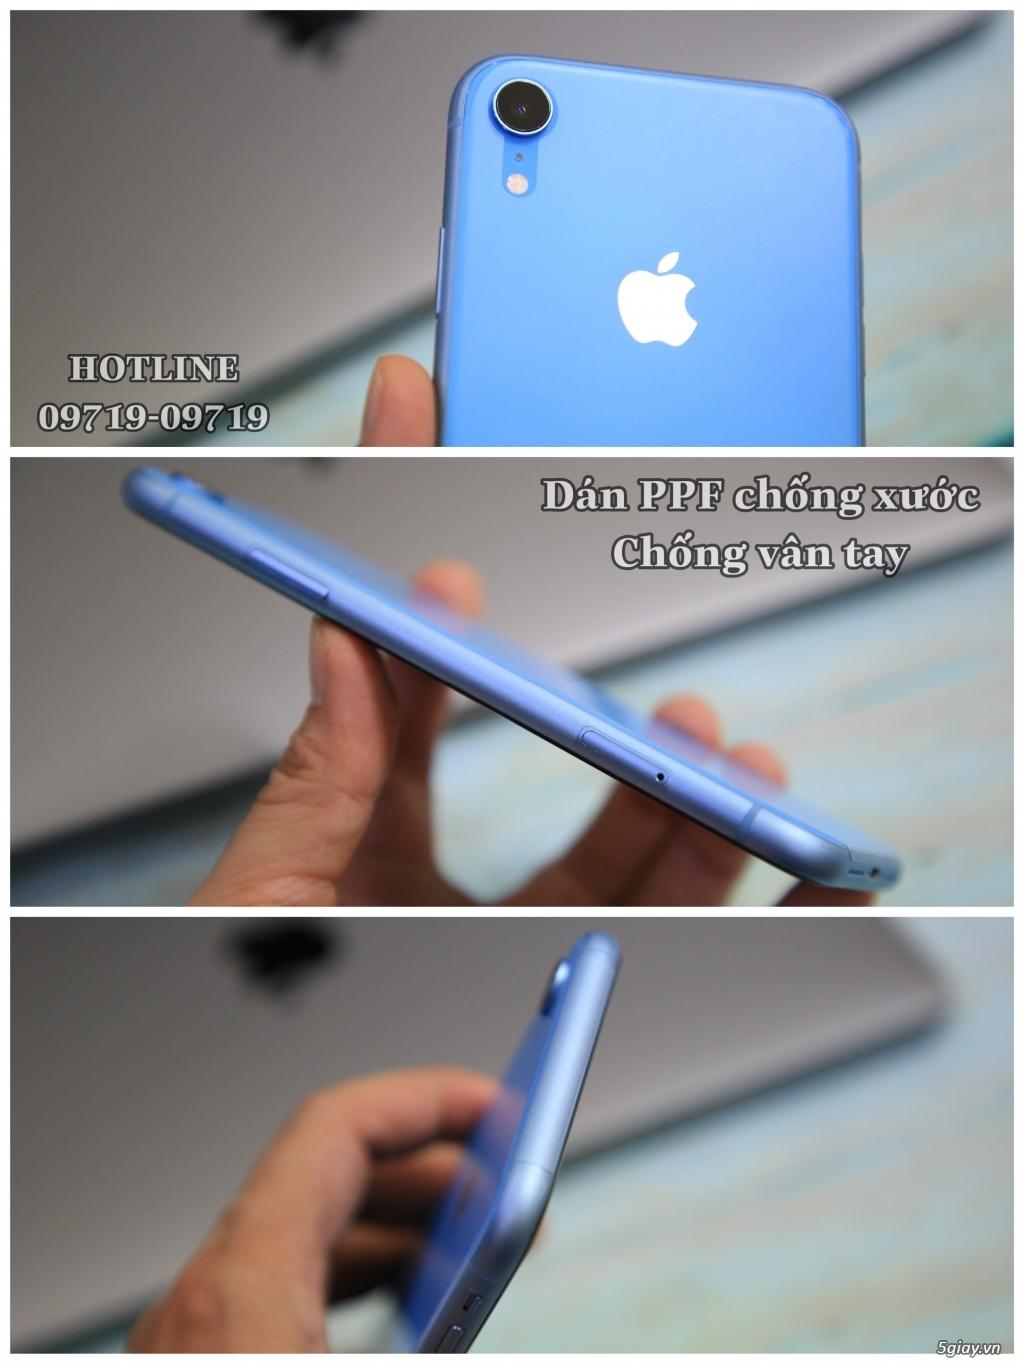 Dán PPF chống xước chống vân tay iPhone X/Xs/XsMax/Xr - Đẹp xuất sắc !! - 2